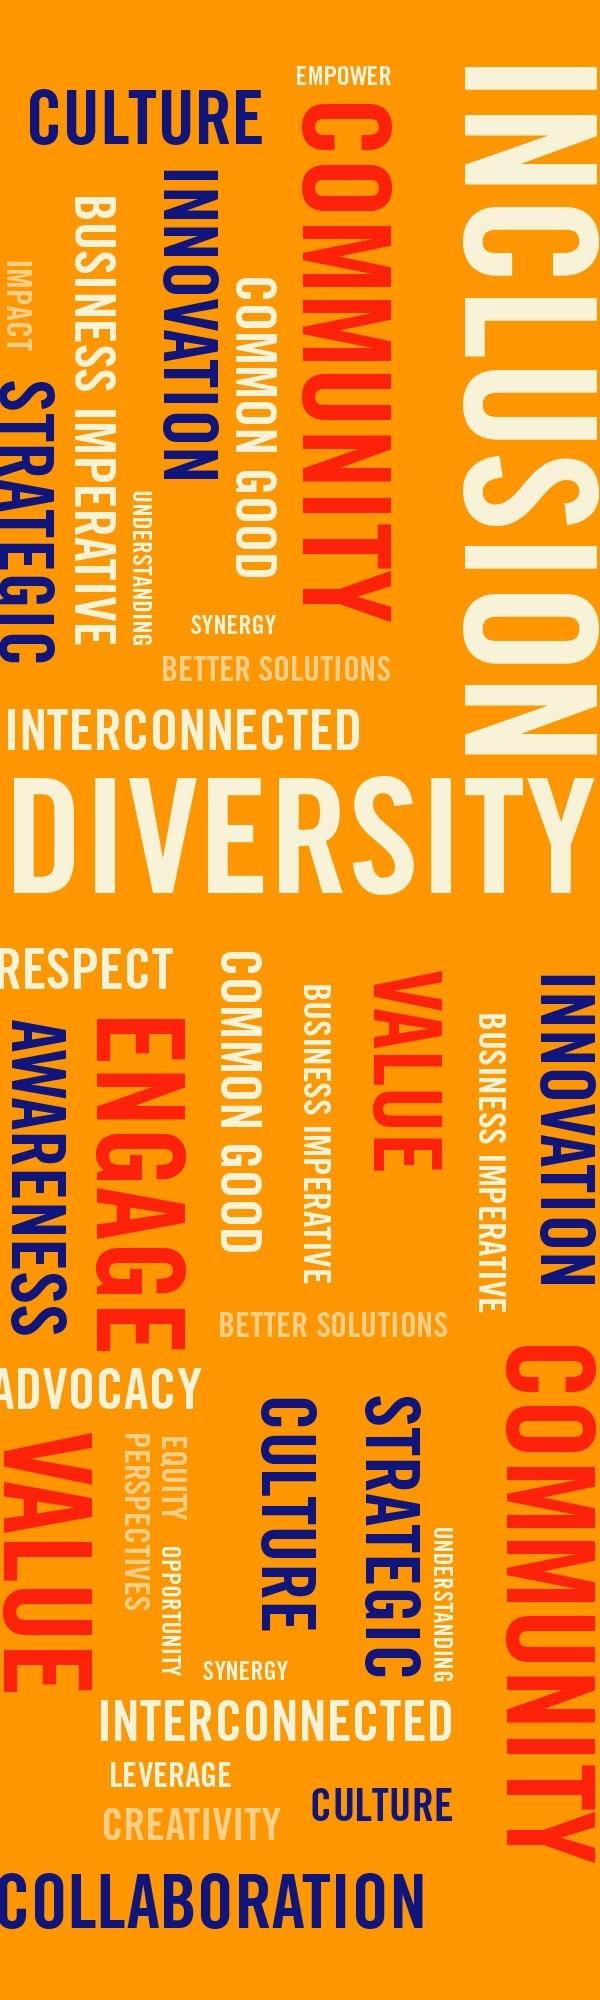 diversityandinclusion2 (1)_1.jpg